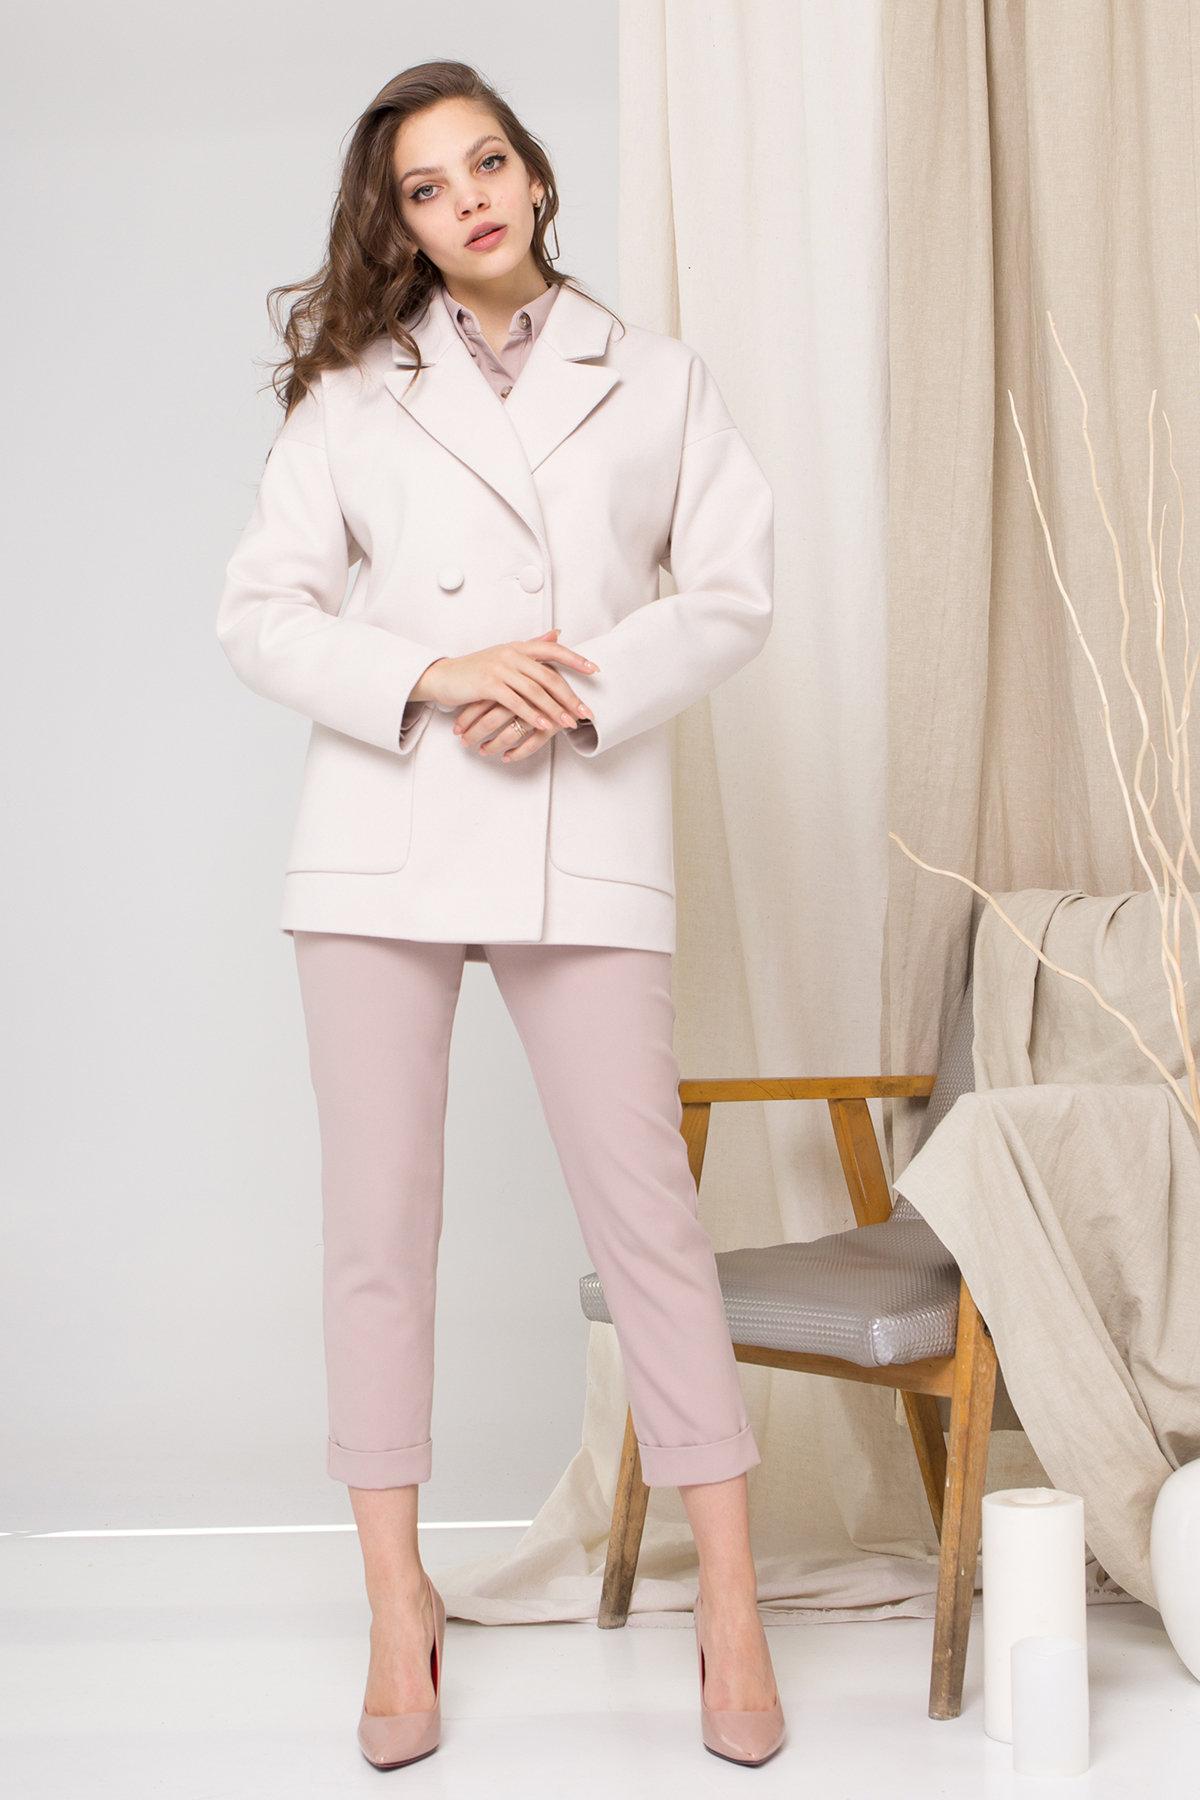 Пальто Мансера 8987 АРТ. 45302 Цвет: Бежевый Светлый - фото 1, интернет магазин tm-modus.ru